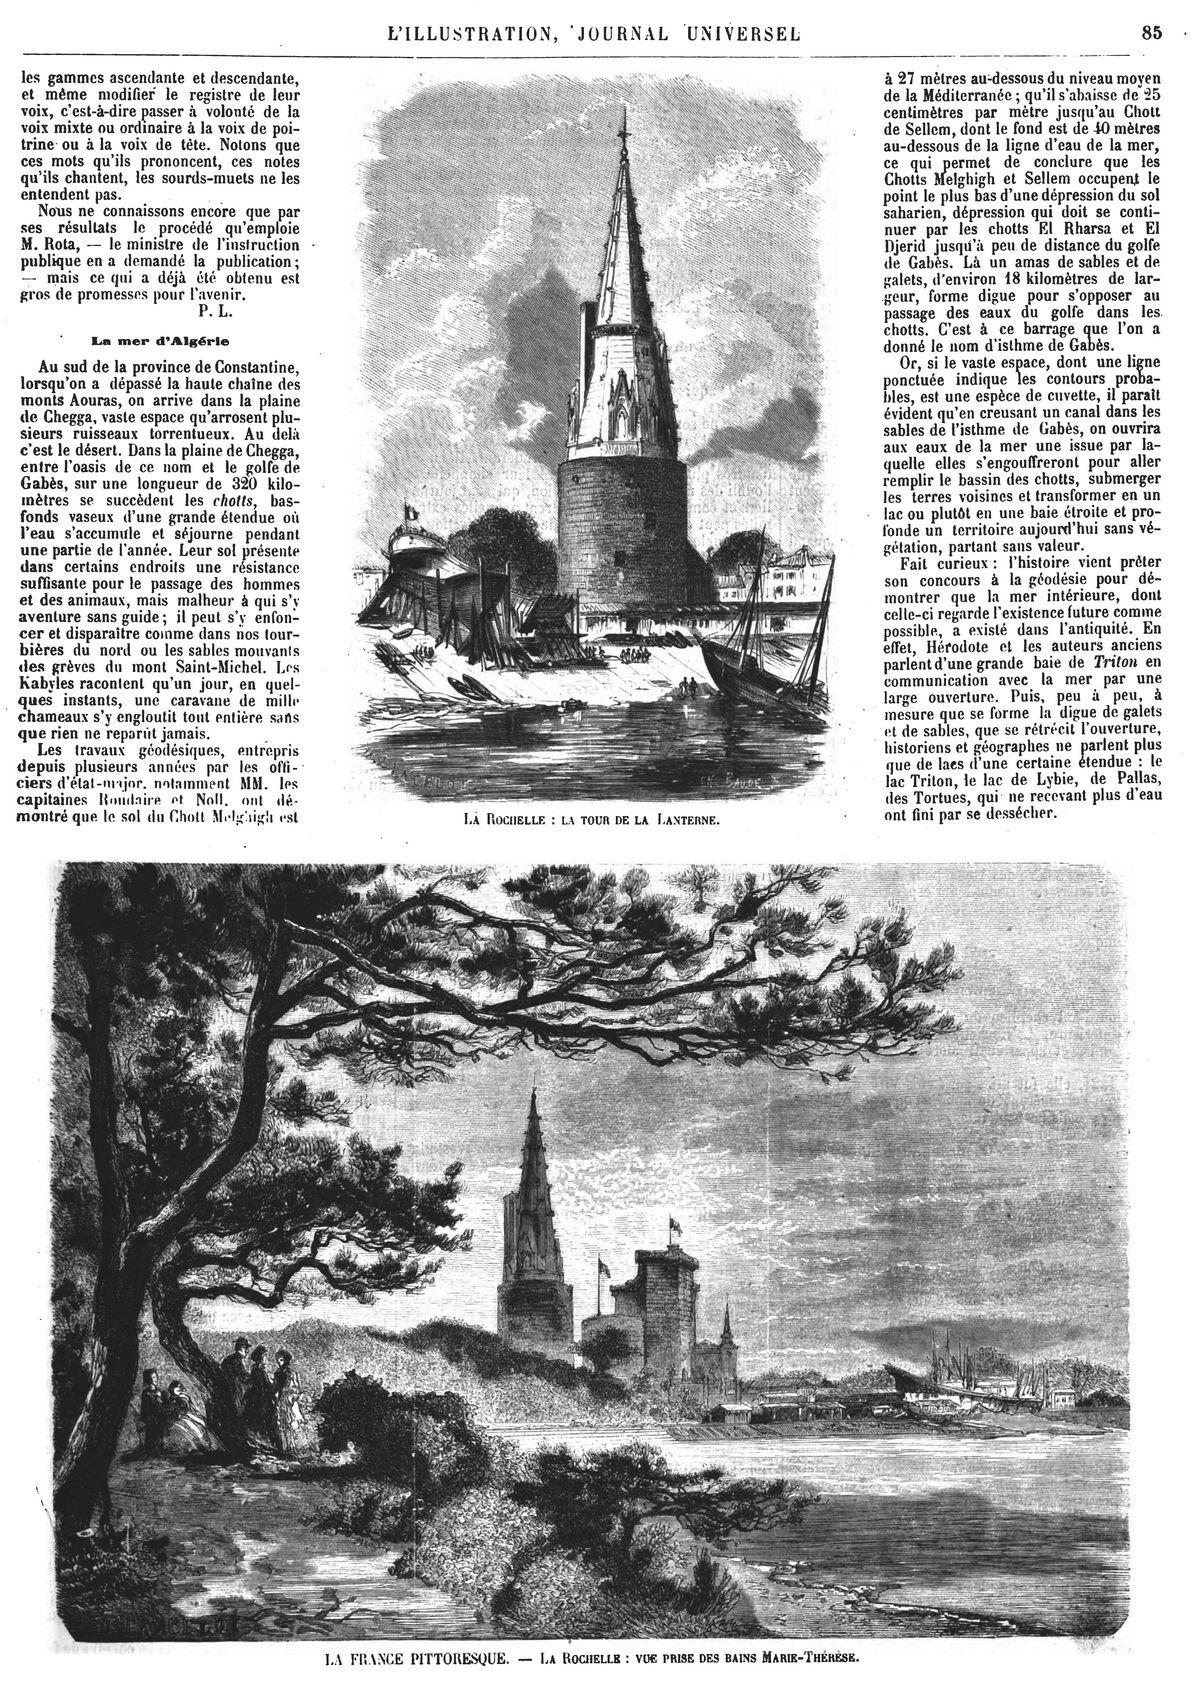 La France pittoresque : vue de la Rochelle. —La tour de la Lanterne ;1874